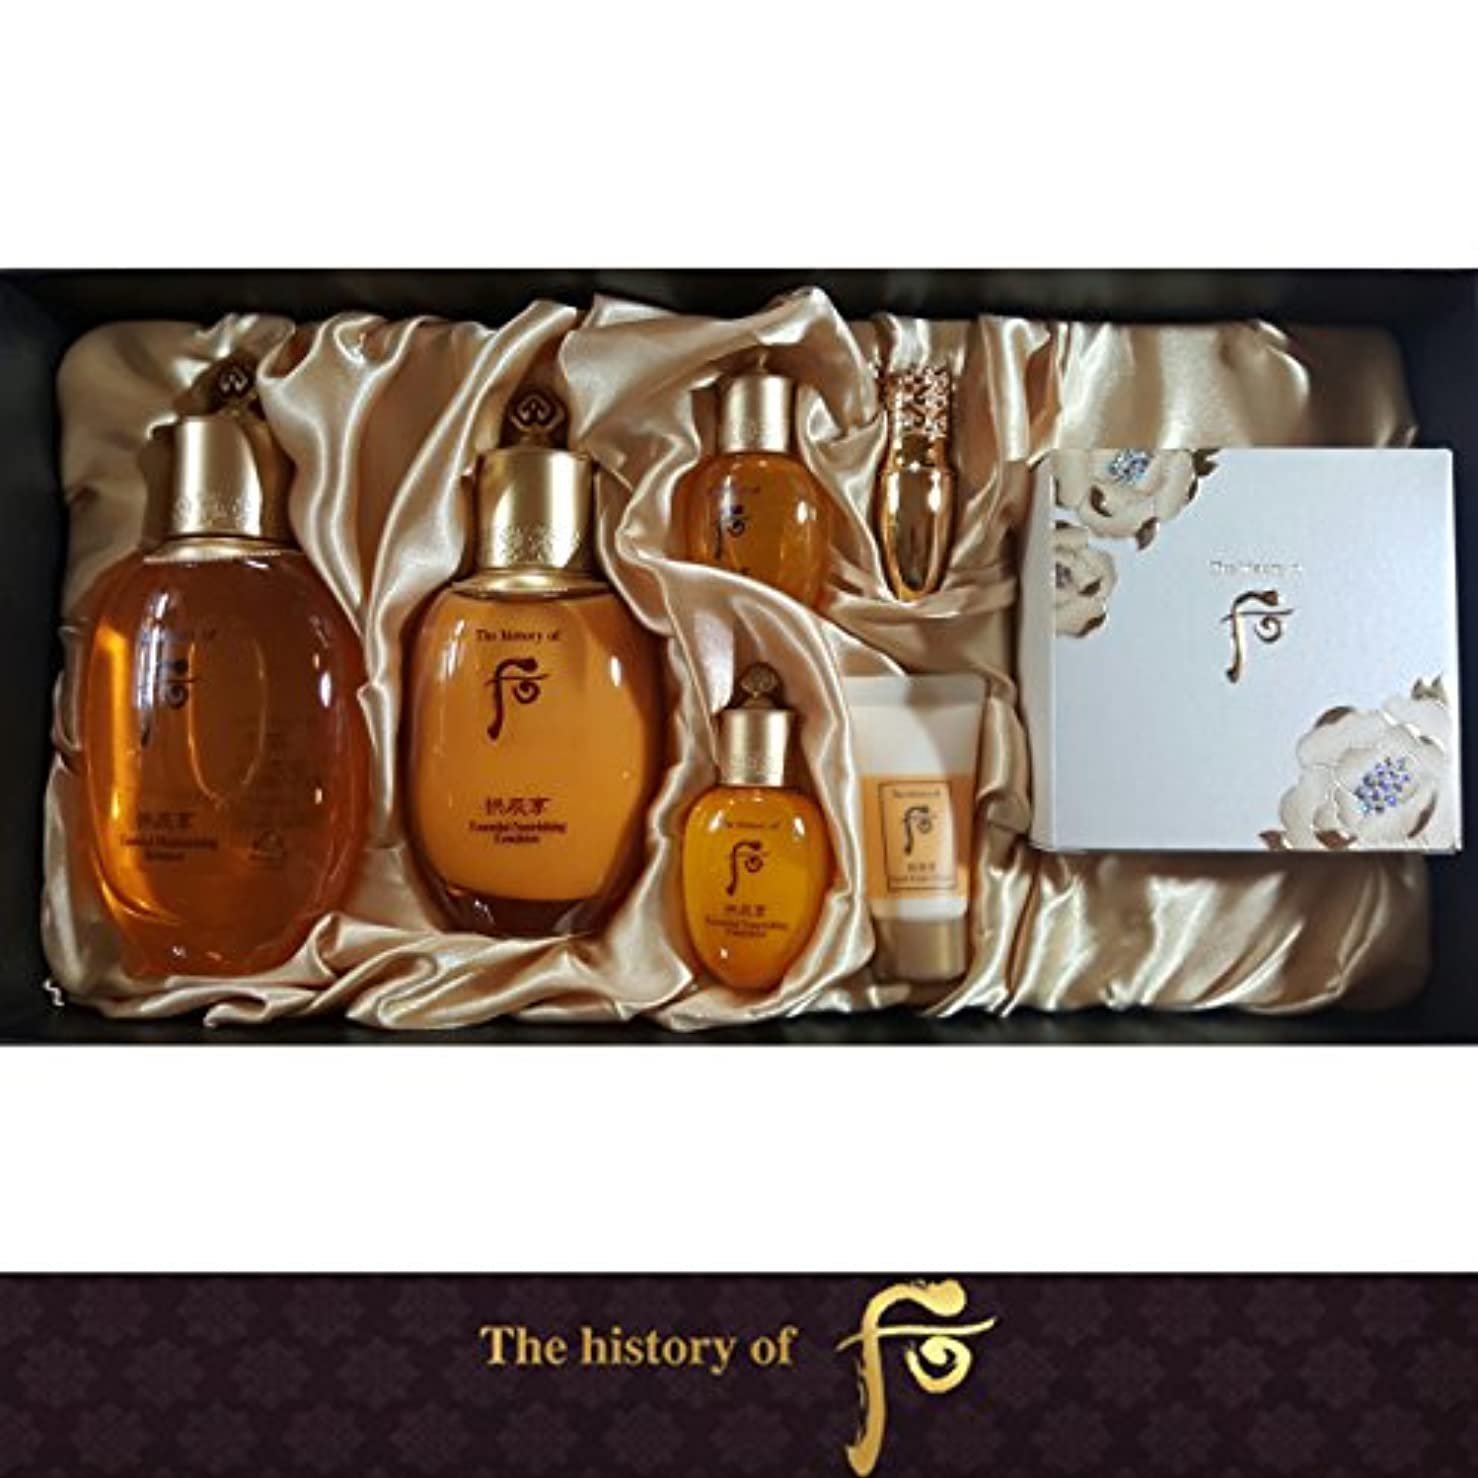 脚本家太いあご[The History Of Whoo] Whoo 后(フー) Gongjinhyang Royal Court Inyang 3EA ゴンジンヒャン Special Set/宮廷セット 引き揚げ 3種 のスペシャル...